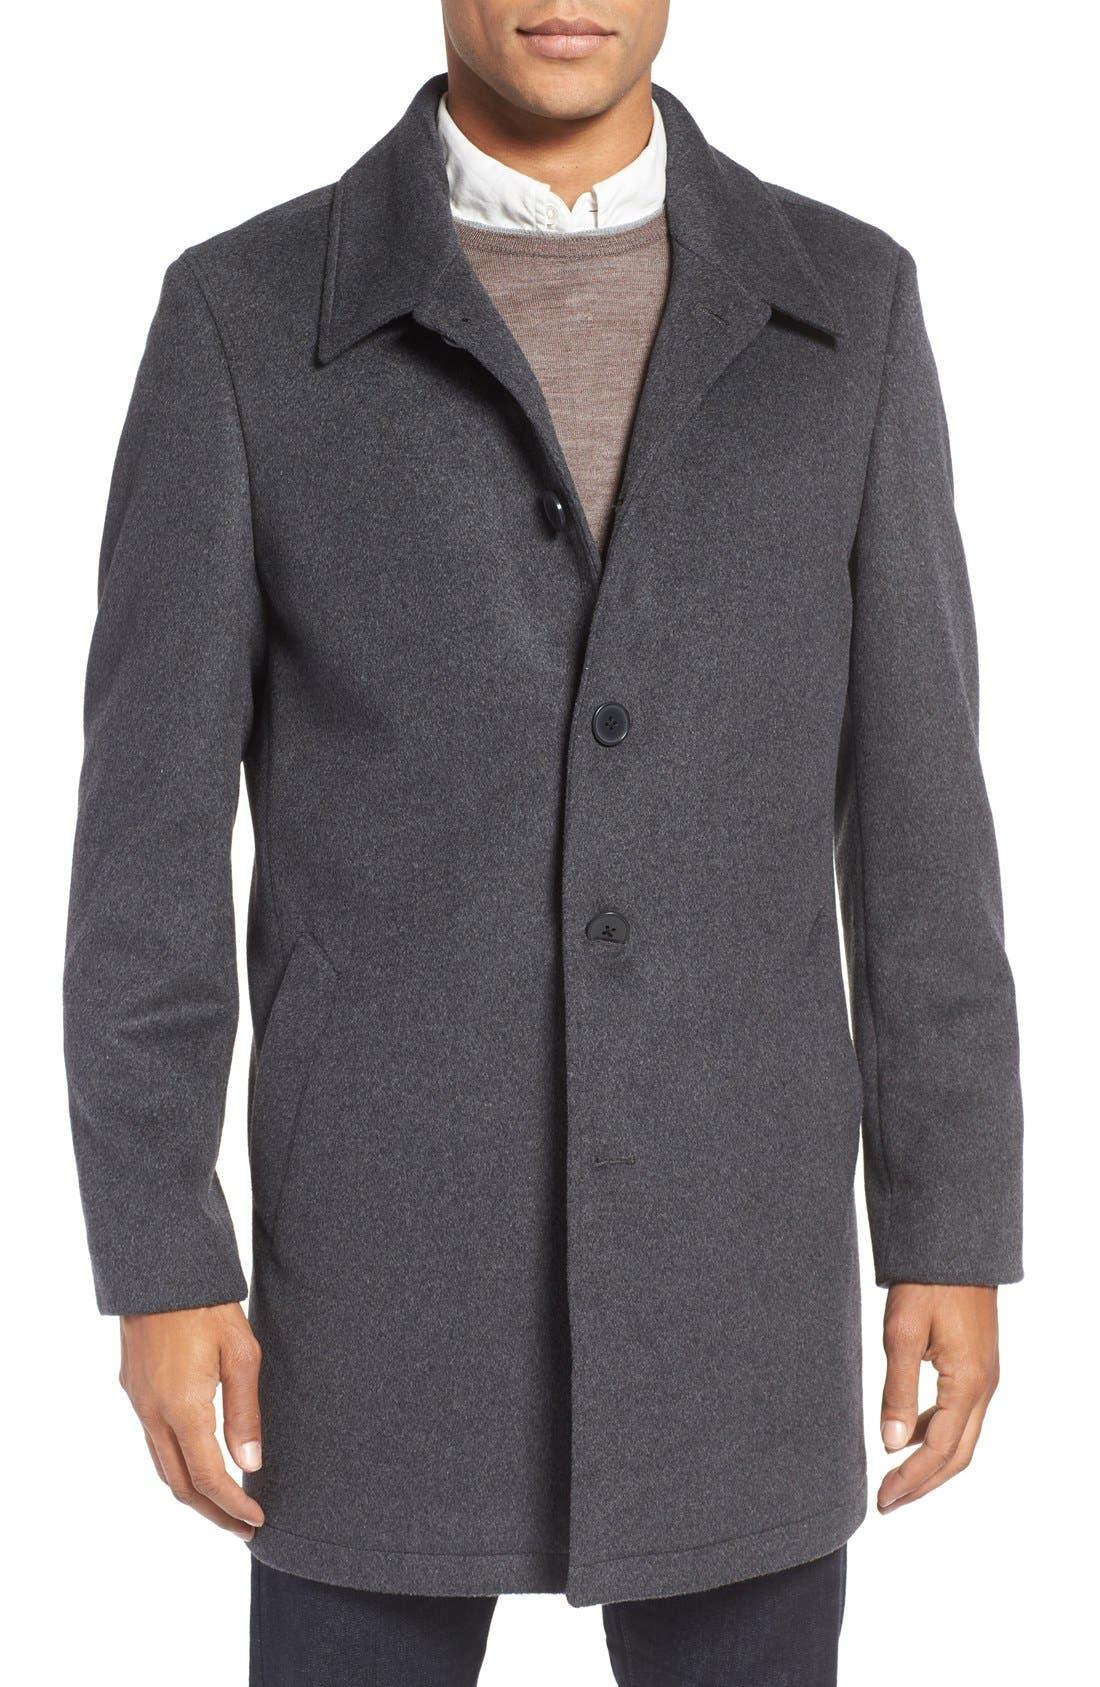 Alternate Image 1 Selected - Nordstrom Men's Shop Wool Blend Car Coat